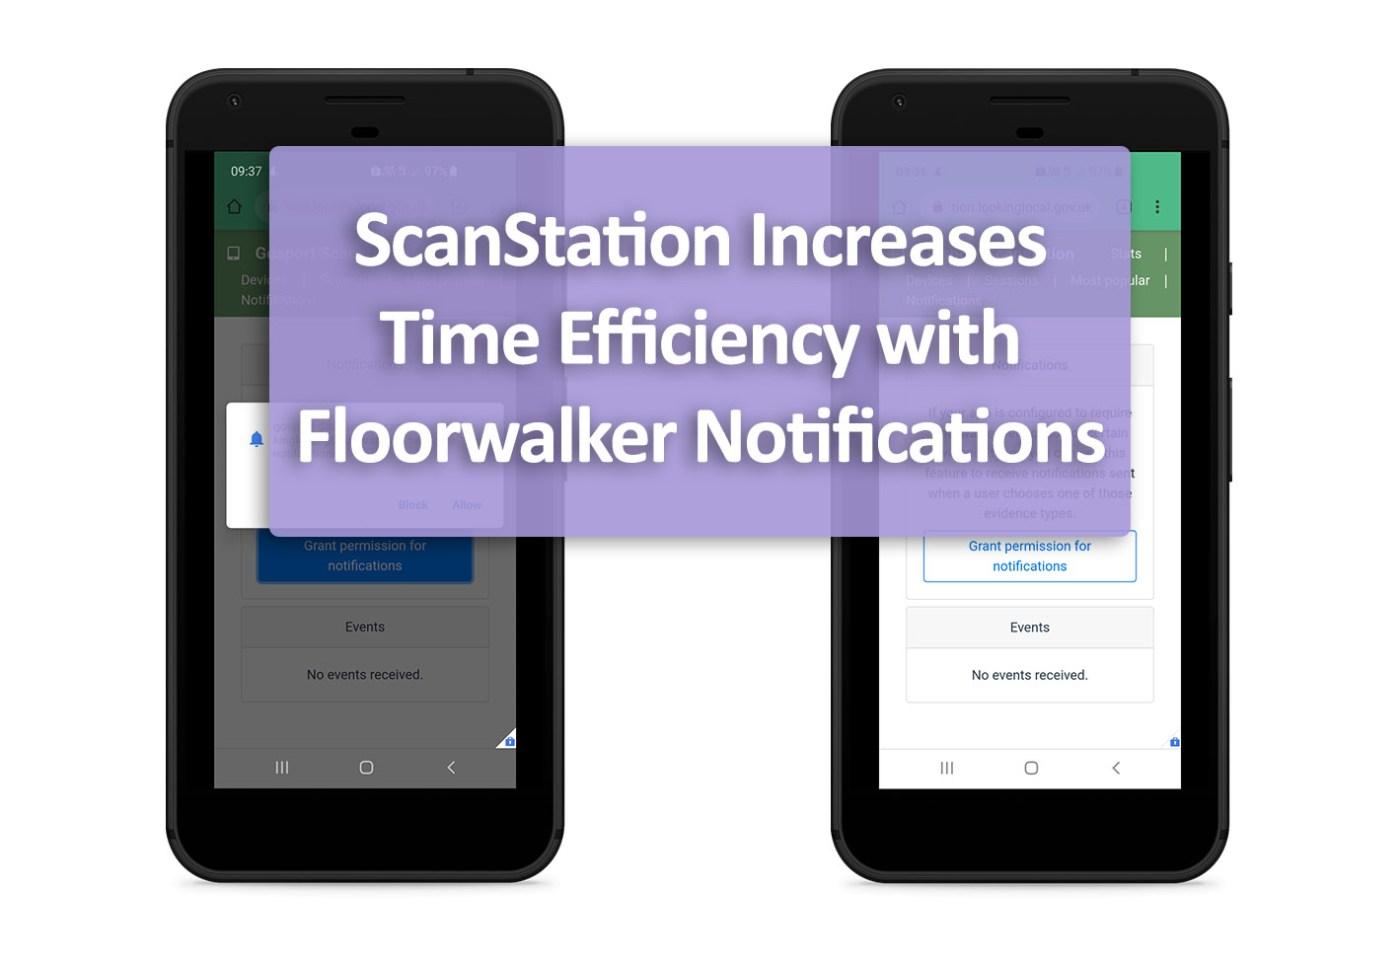 ScanStation Increases Time Efficiency with Floorwalker Notifications